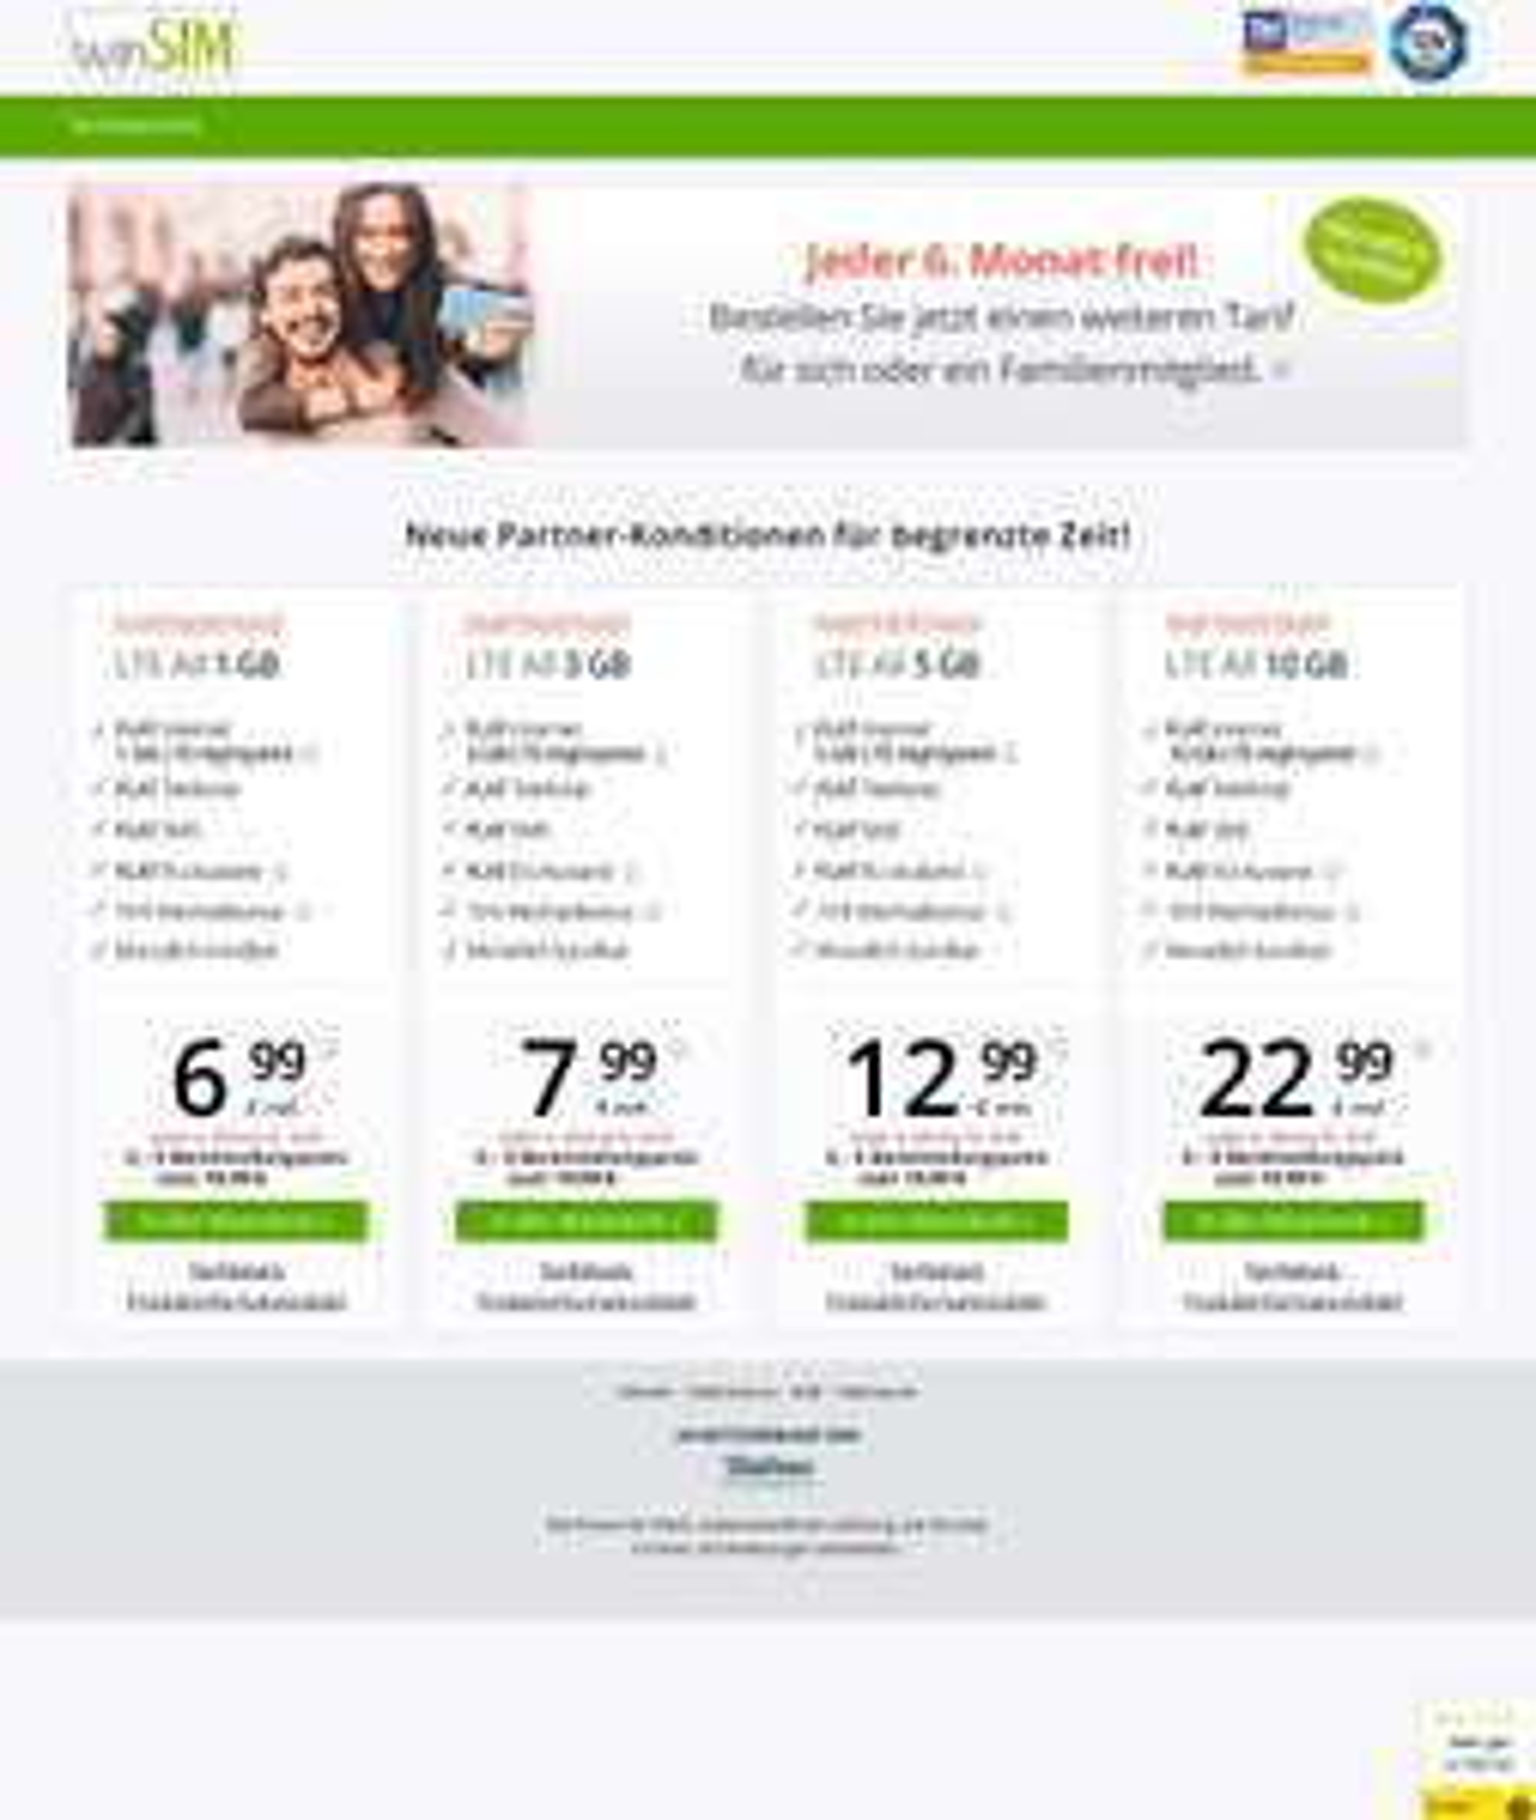 Winsim Partnertarif ohne Anschlussgebühr und jeden 6. Monat keine Grundgebühr, Mtl. kündbar